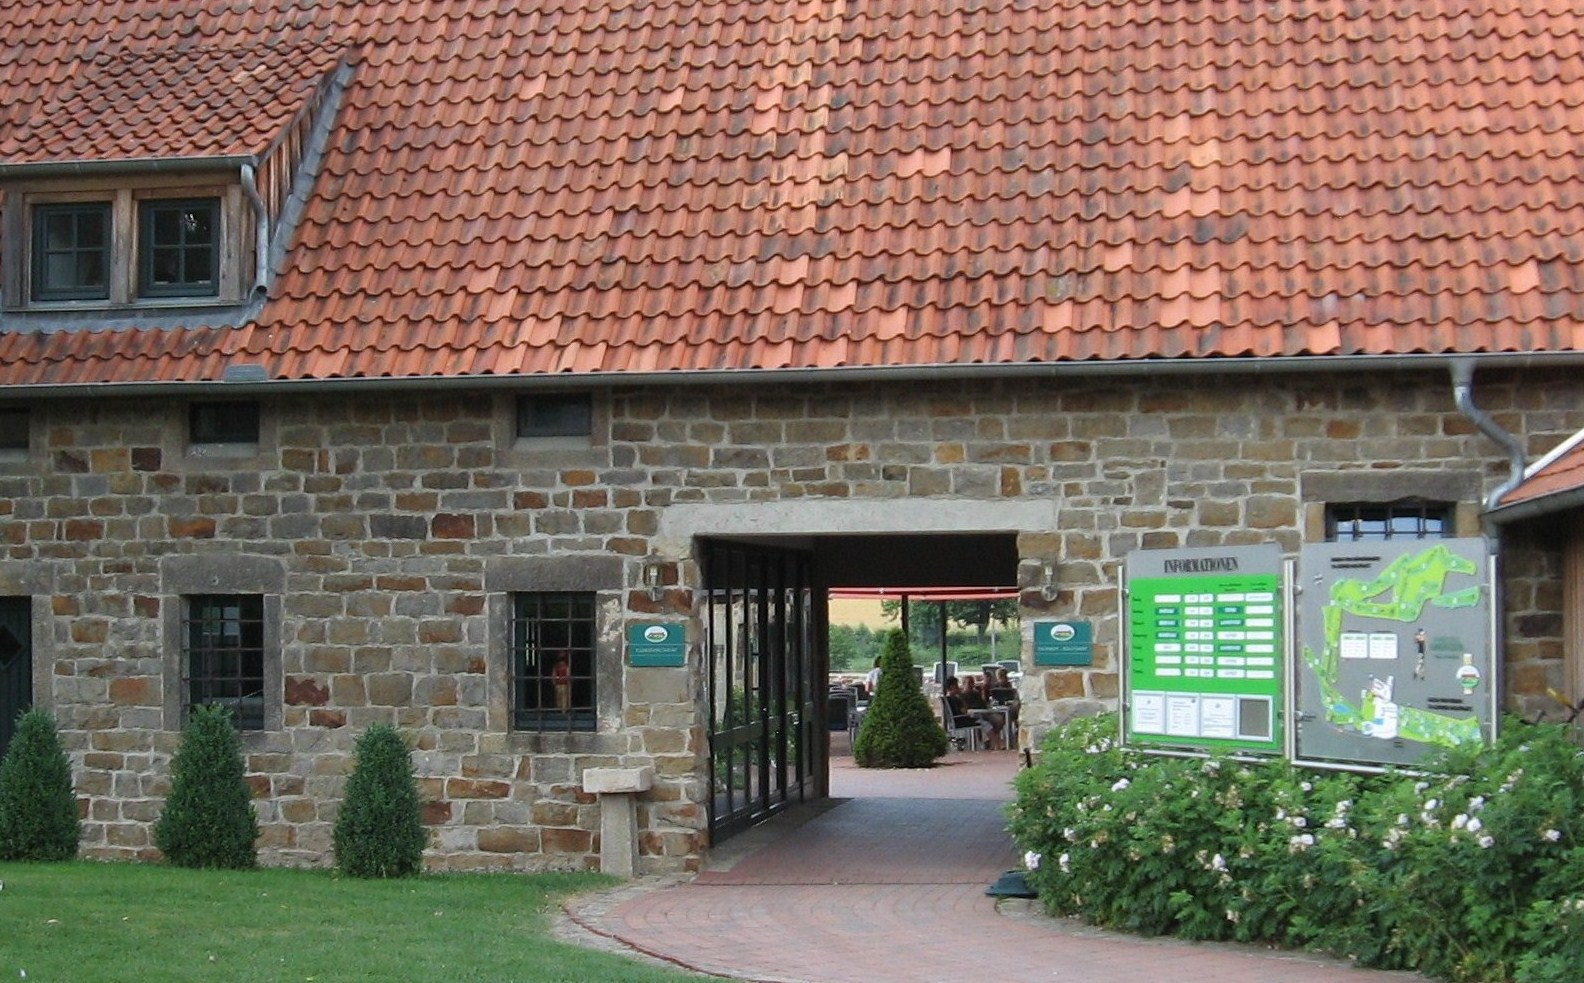 Herzlich willkommen im Schloss Schwöbber. (Quelle: Hamelner Golfclub Schloss Schwöbber)